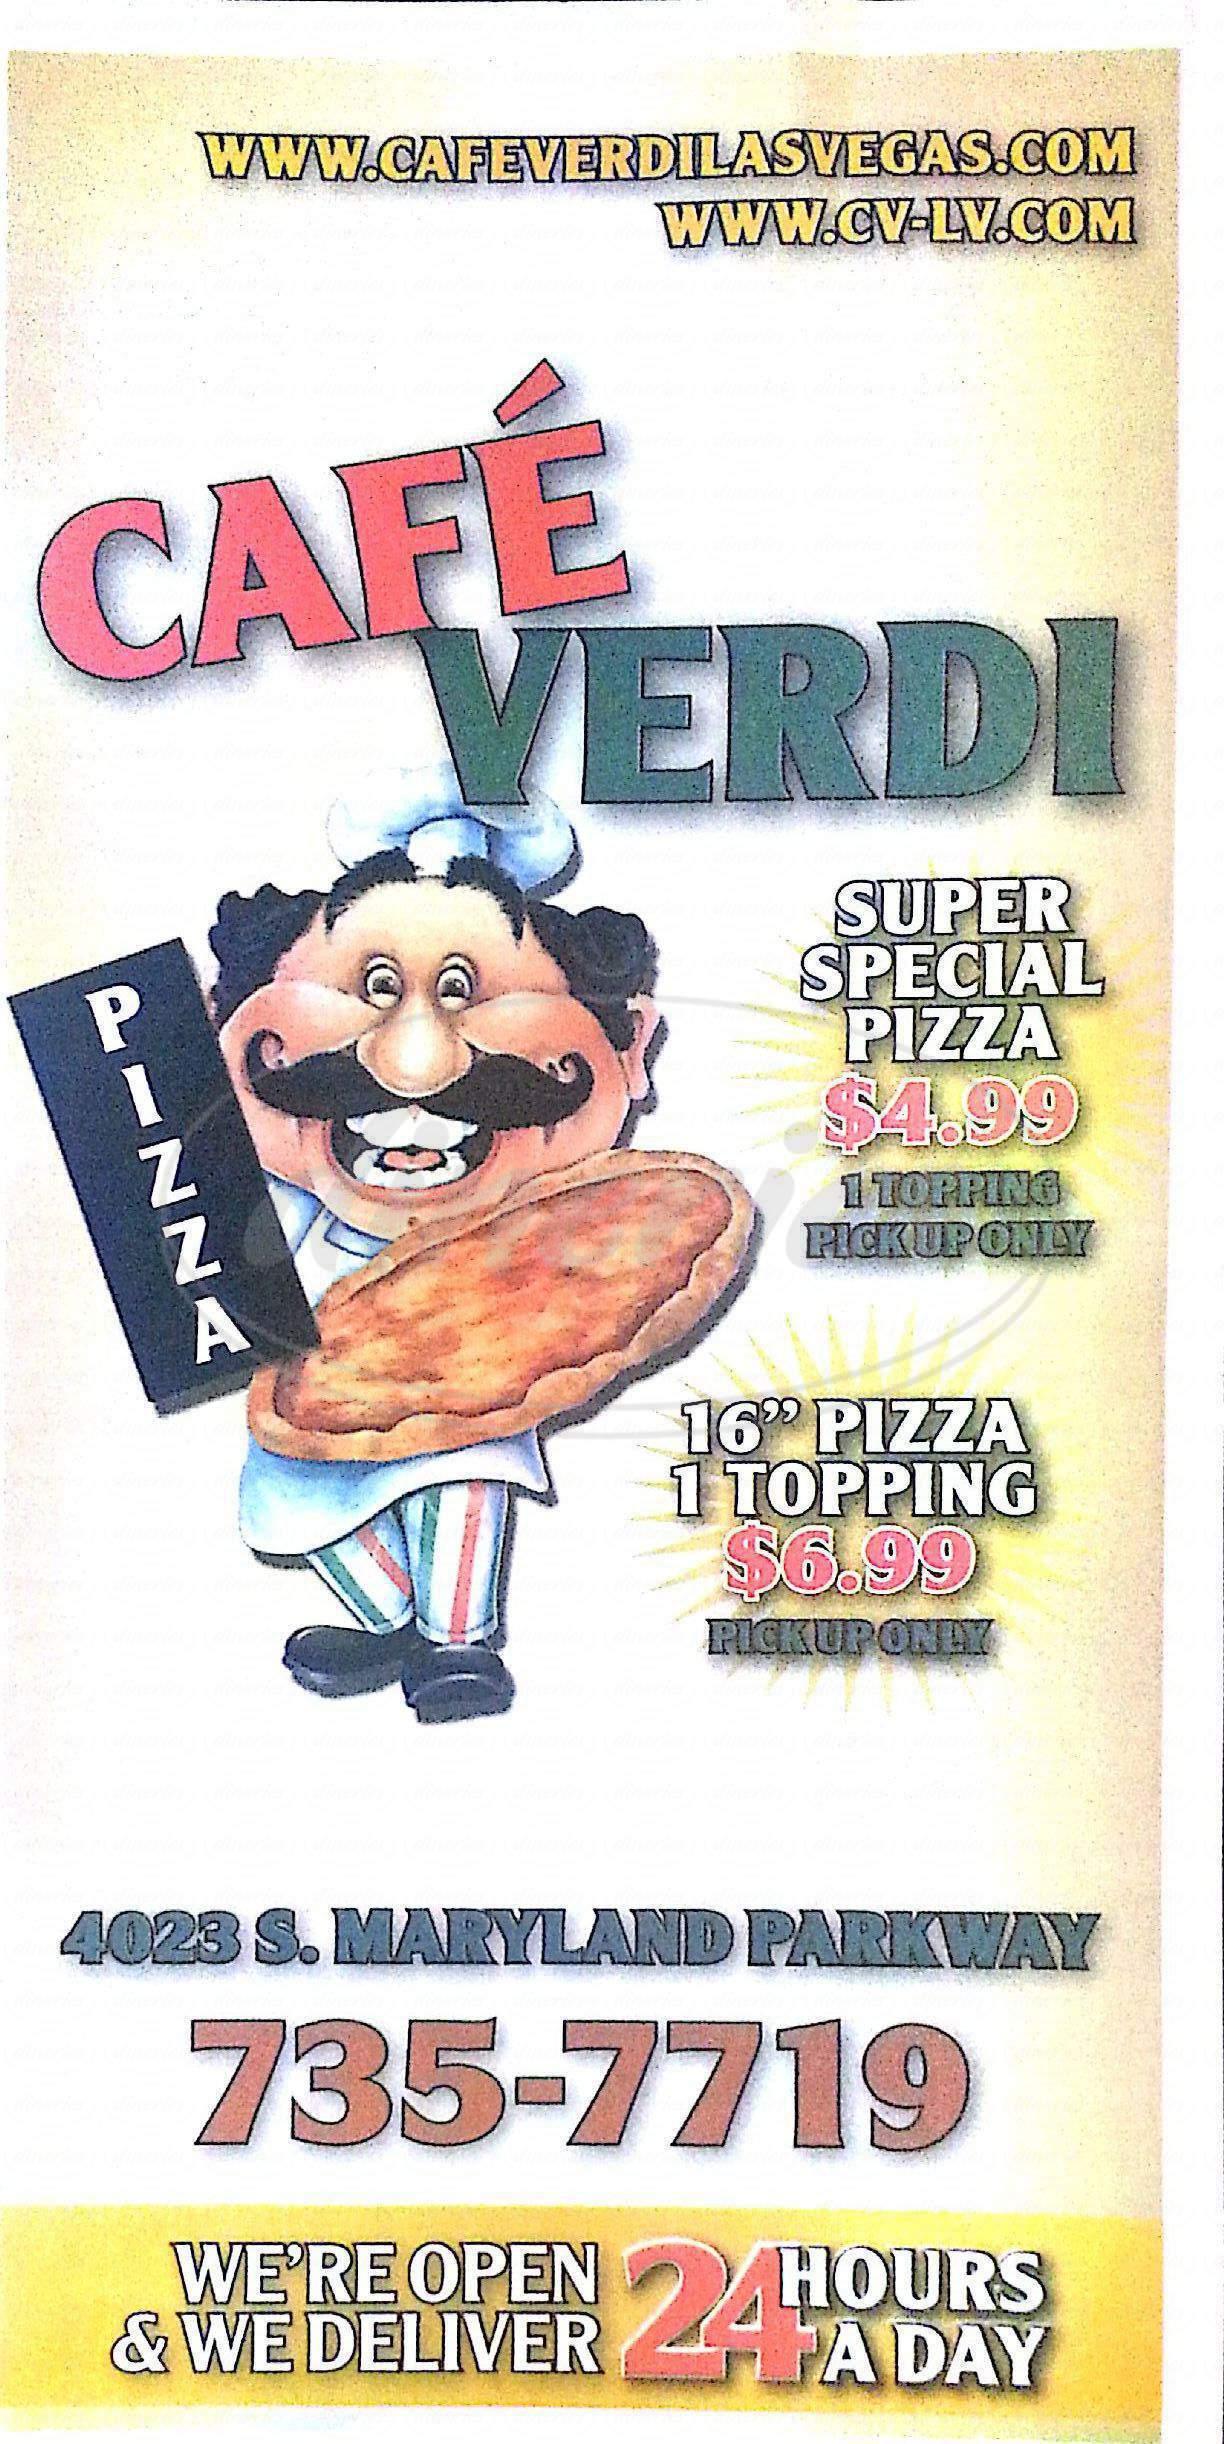 menu for Cafe Verdi